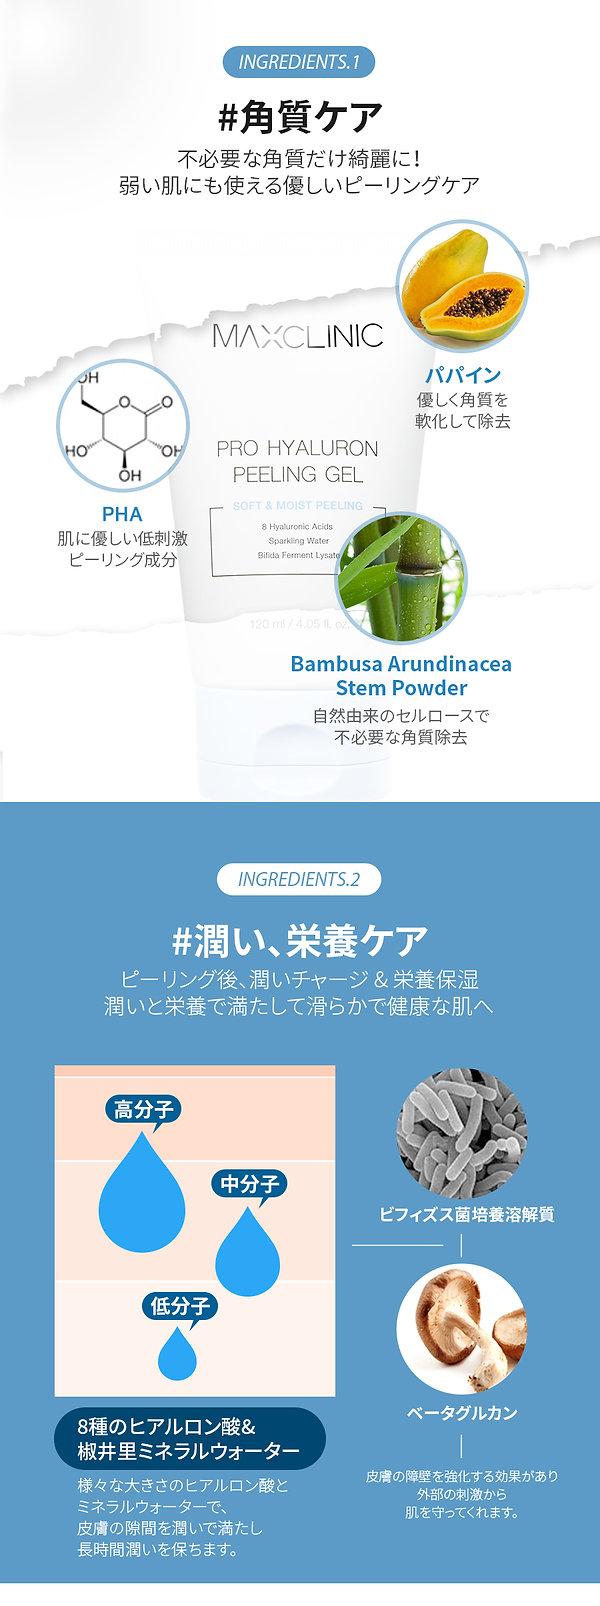 prohyaluron_peelinggel_JP_04.jpg